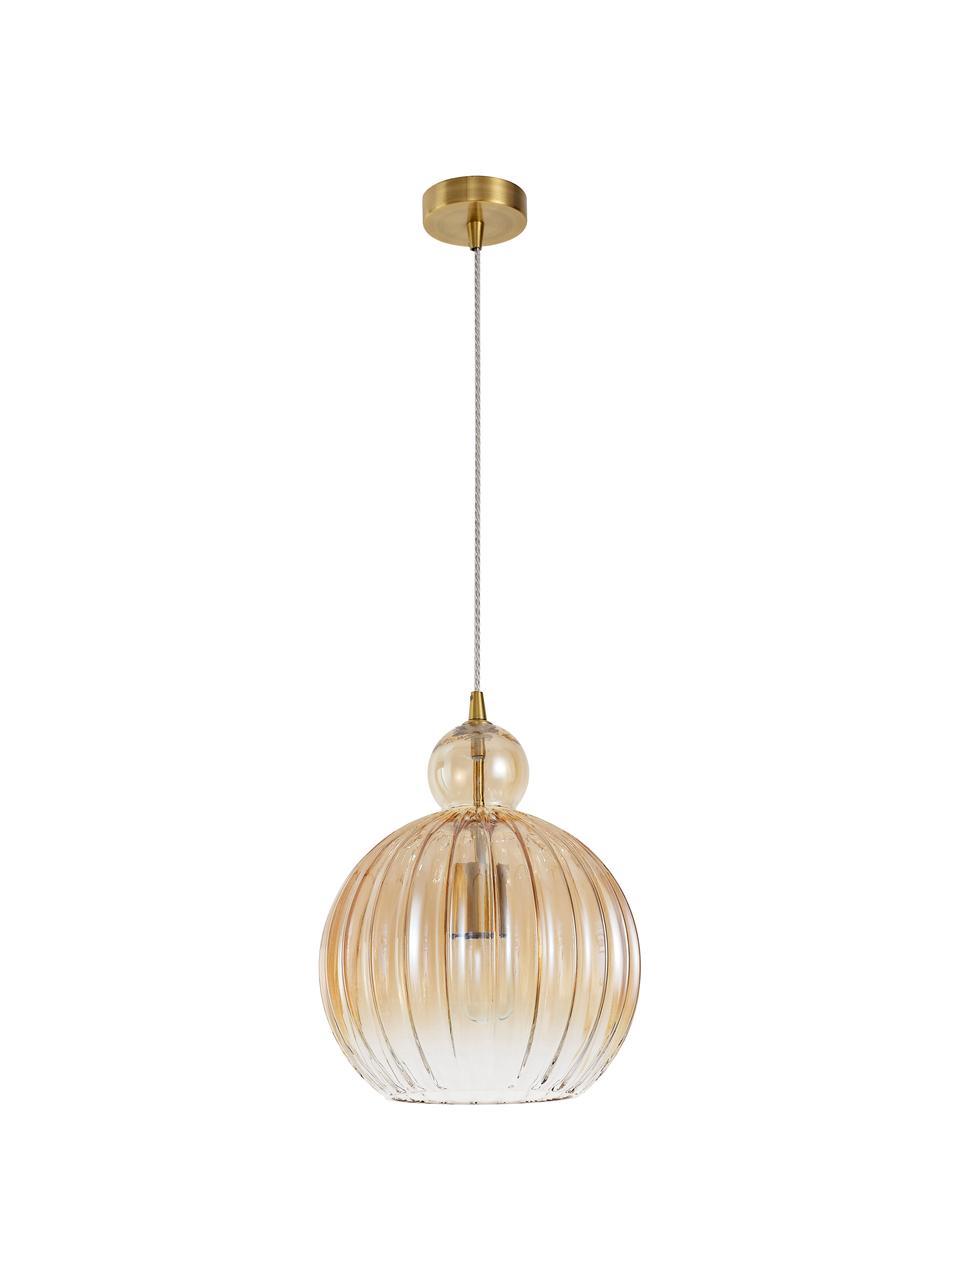 Kleine Pendelleuchte Odell aus getöntem Glas, Lampenschirm: Glas, Baldachin: Metall, Messingfarben, Bernsteinfarben, Ø 28 x H 36 cm